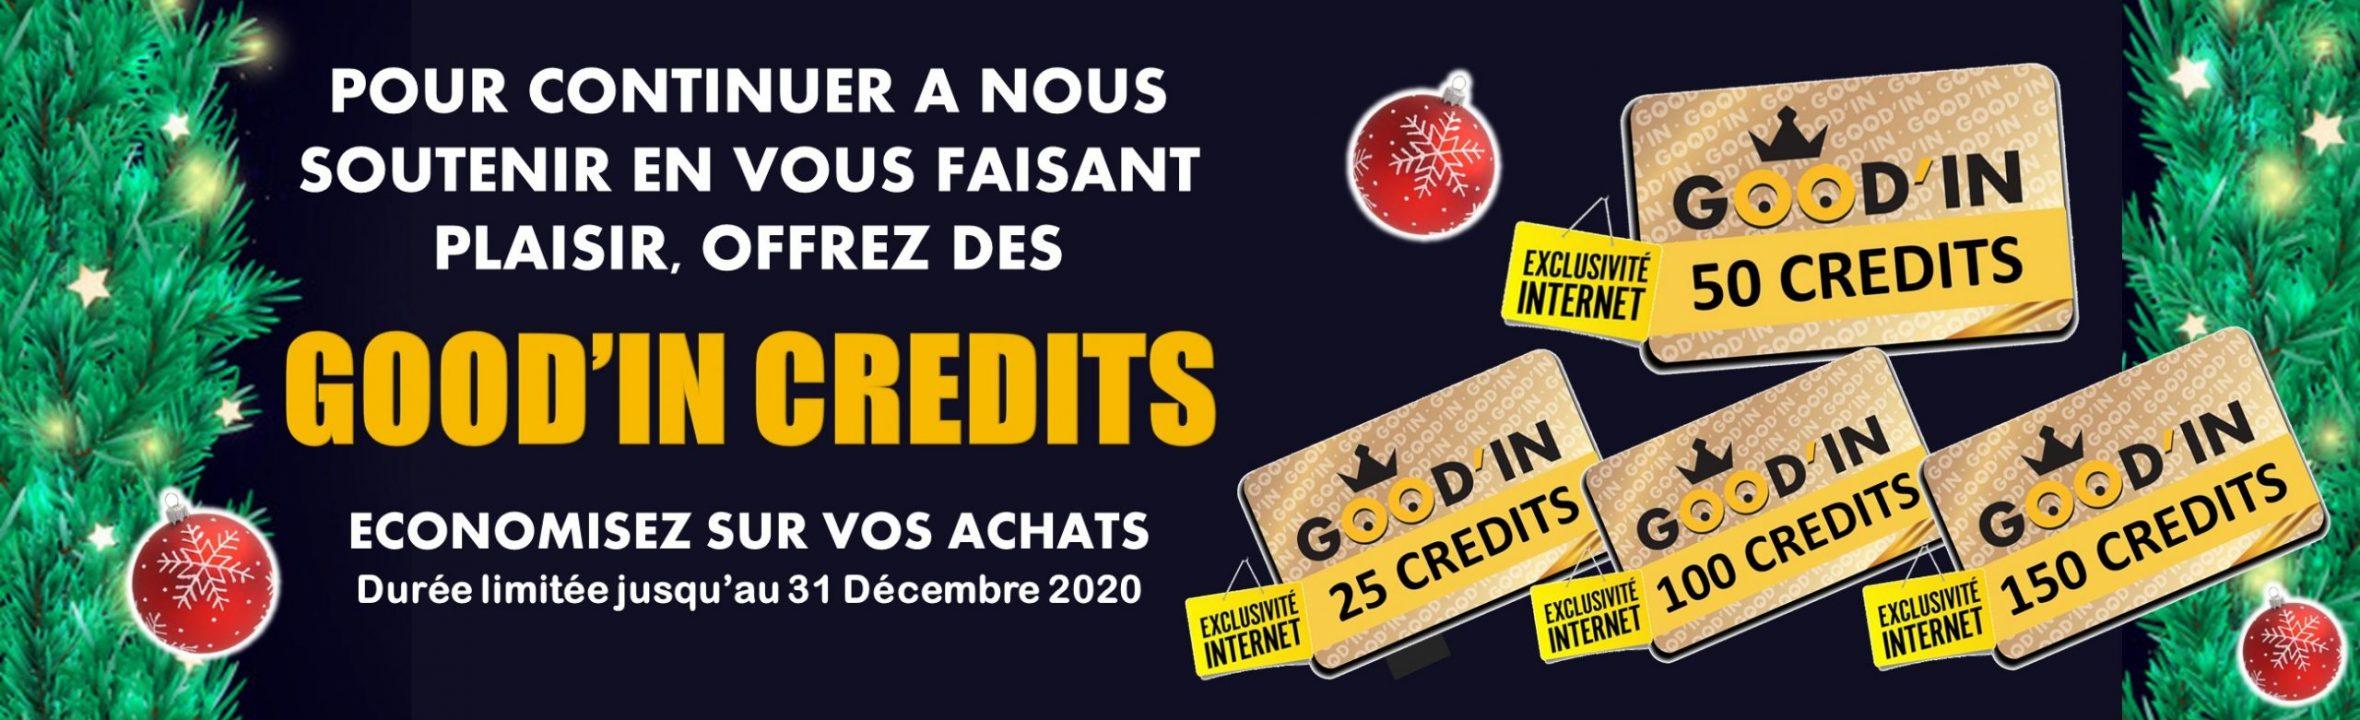 good'in credits decembre noel 2020 goodin shop